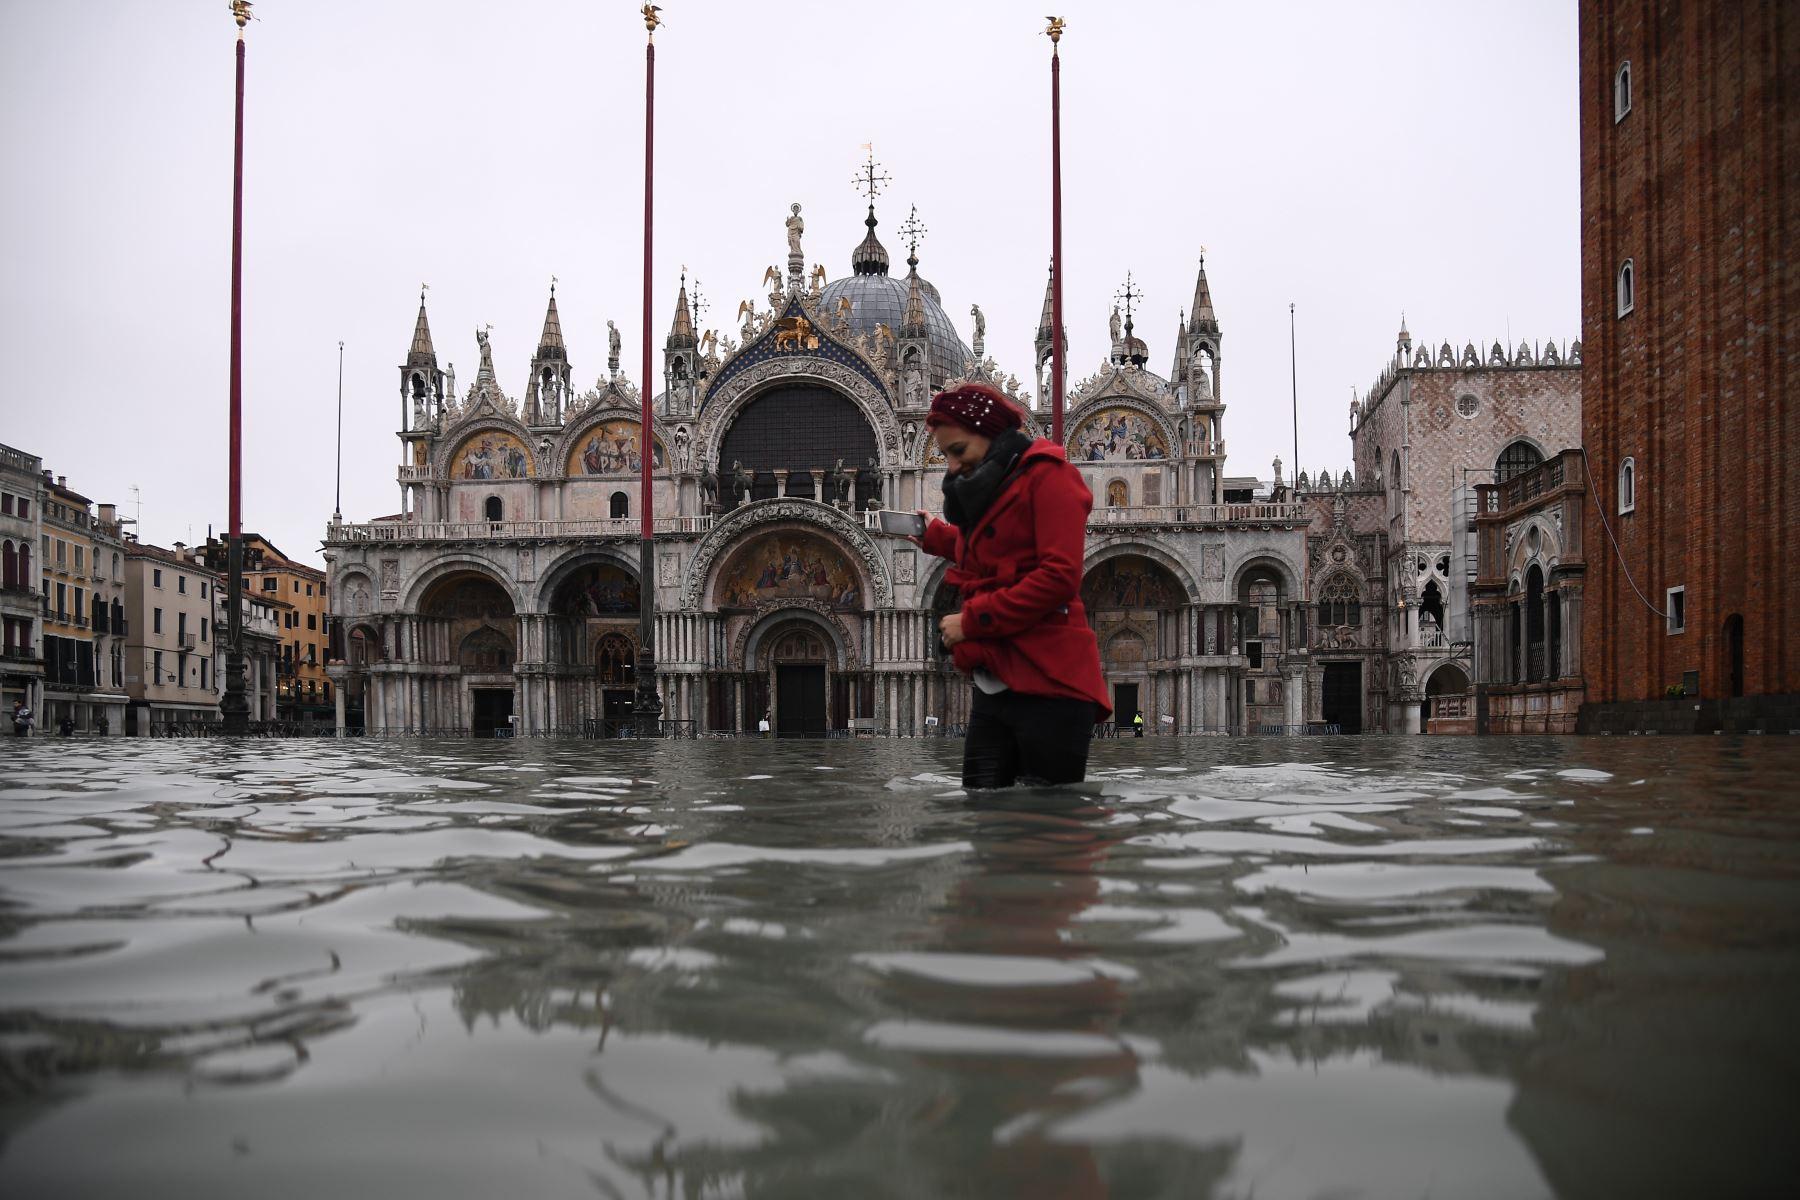 Una mujer cruza la inundada plaza de San Marcos junto a la basílica de San Marcos después de un excepcional nivel de agua durante la marea alta en Venecia. Foto: AFP